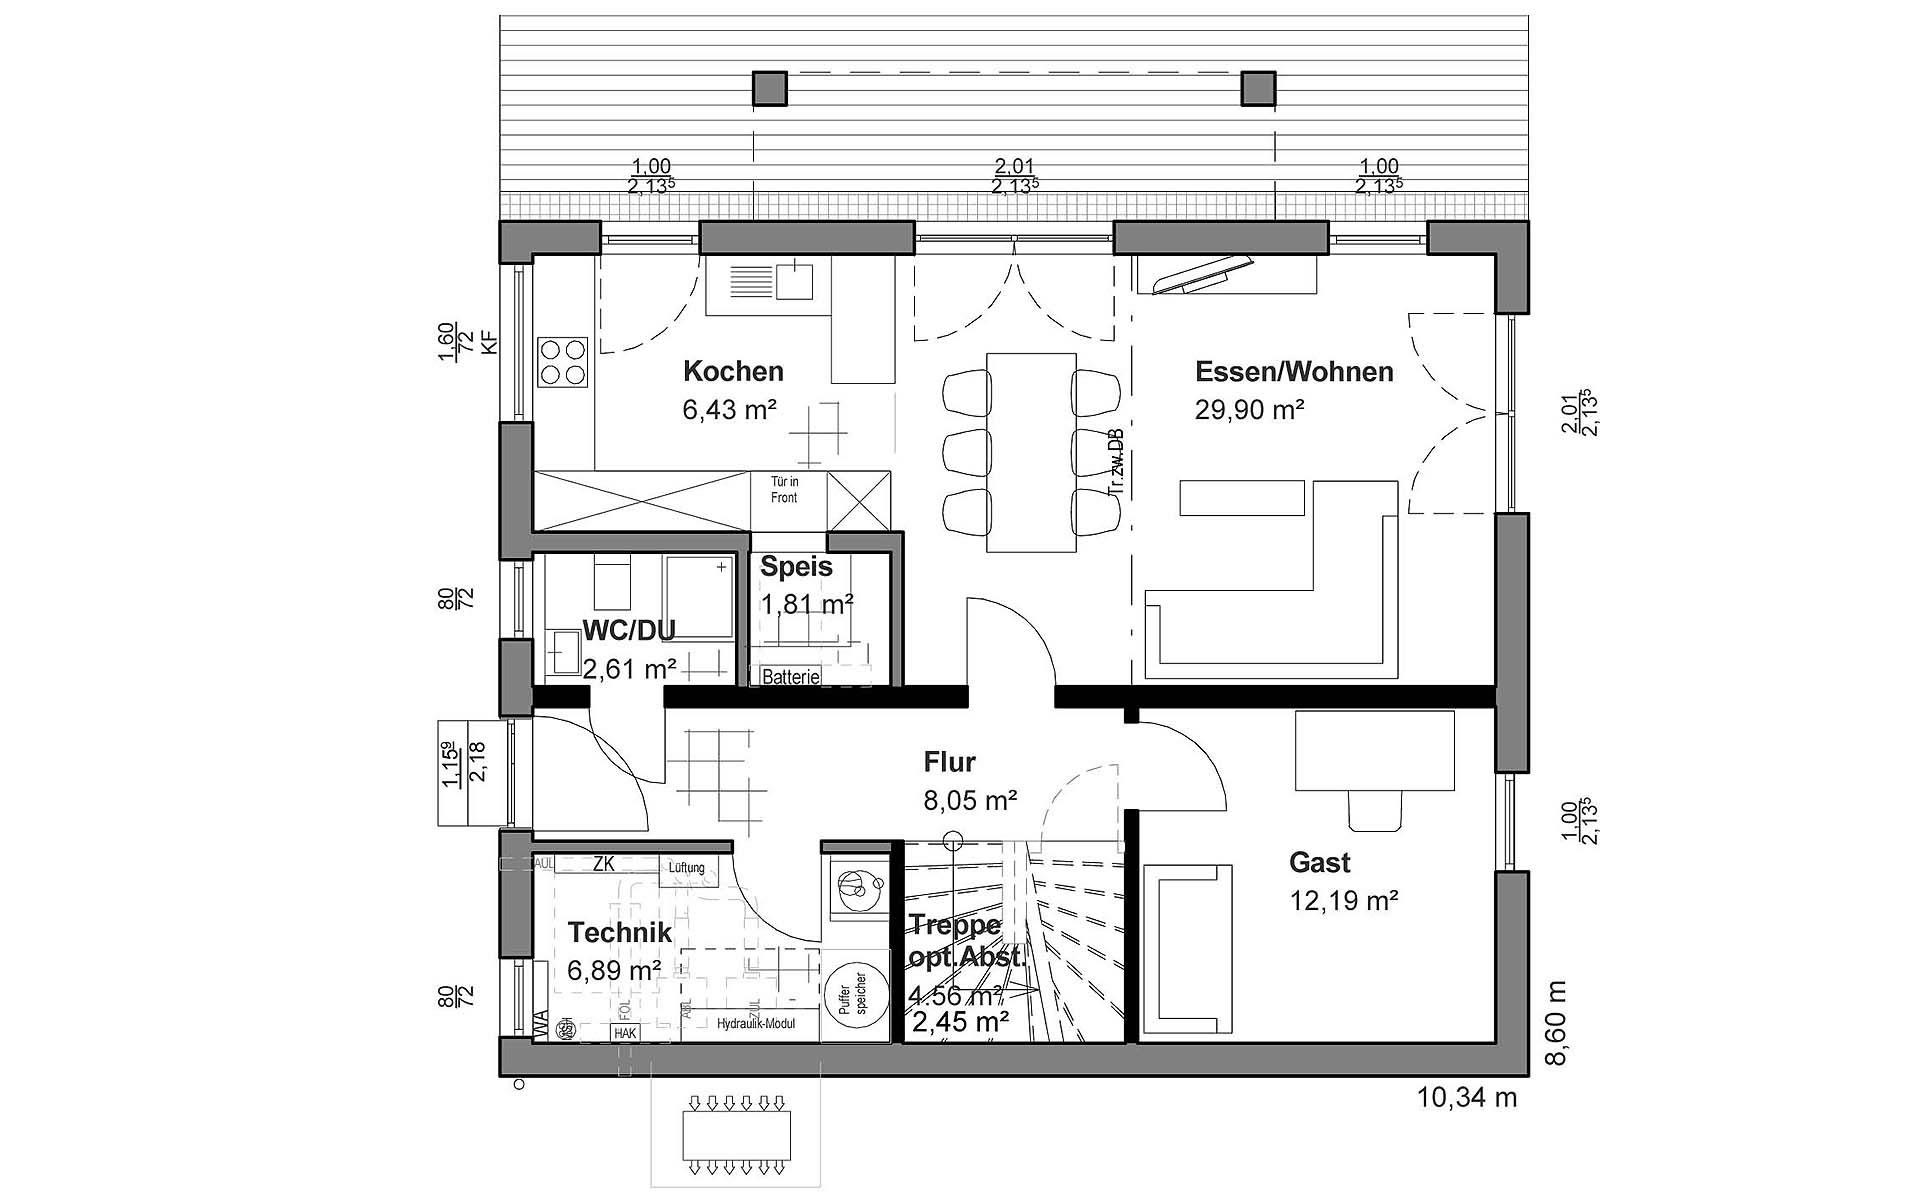 Erdgeschoss Pultdach Klassik von LUXHAUS Vertrieb GmbH & Co. KG